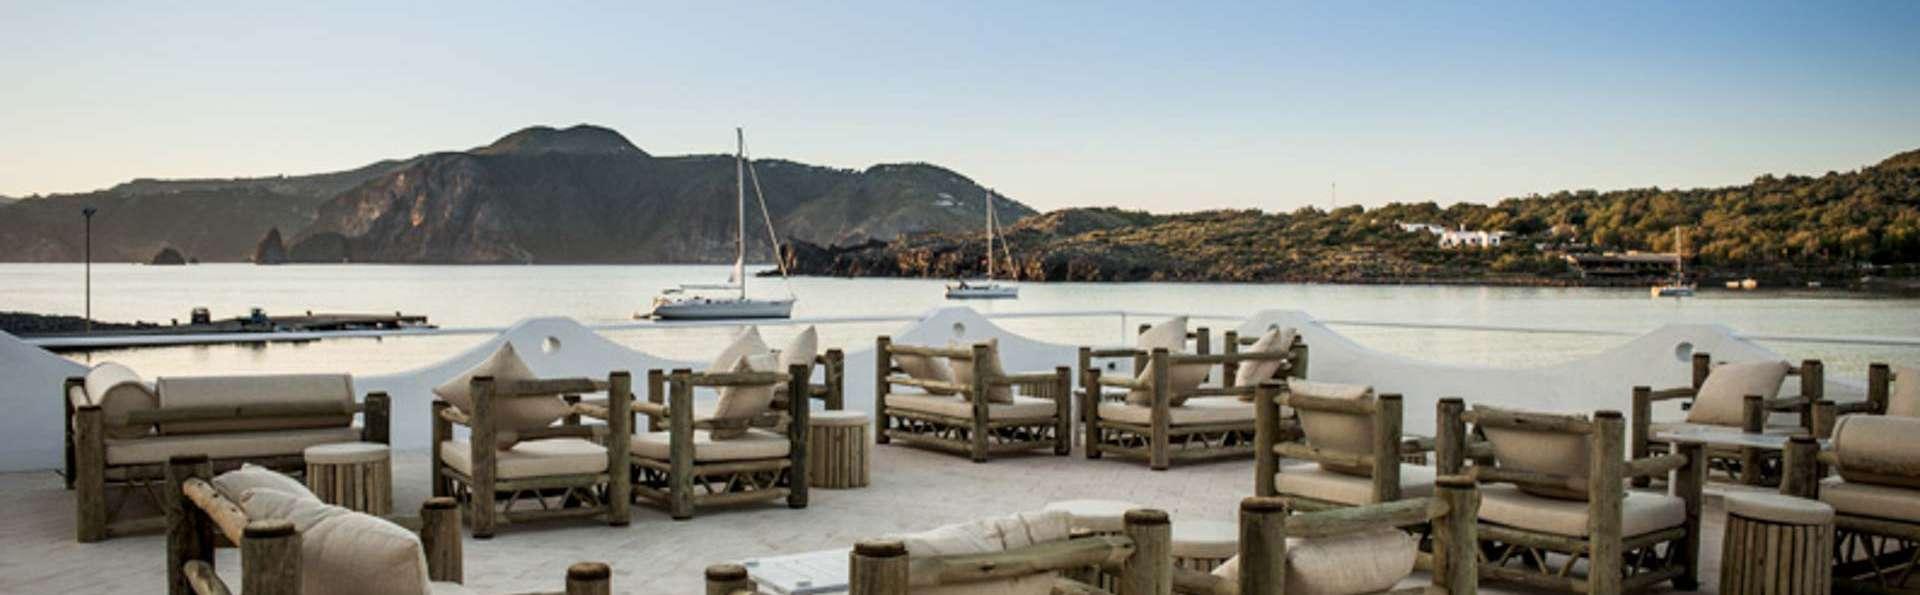 Mari del Sud Resort - EDIT_TERRACE4.jpg